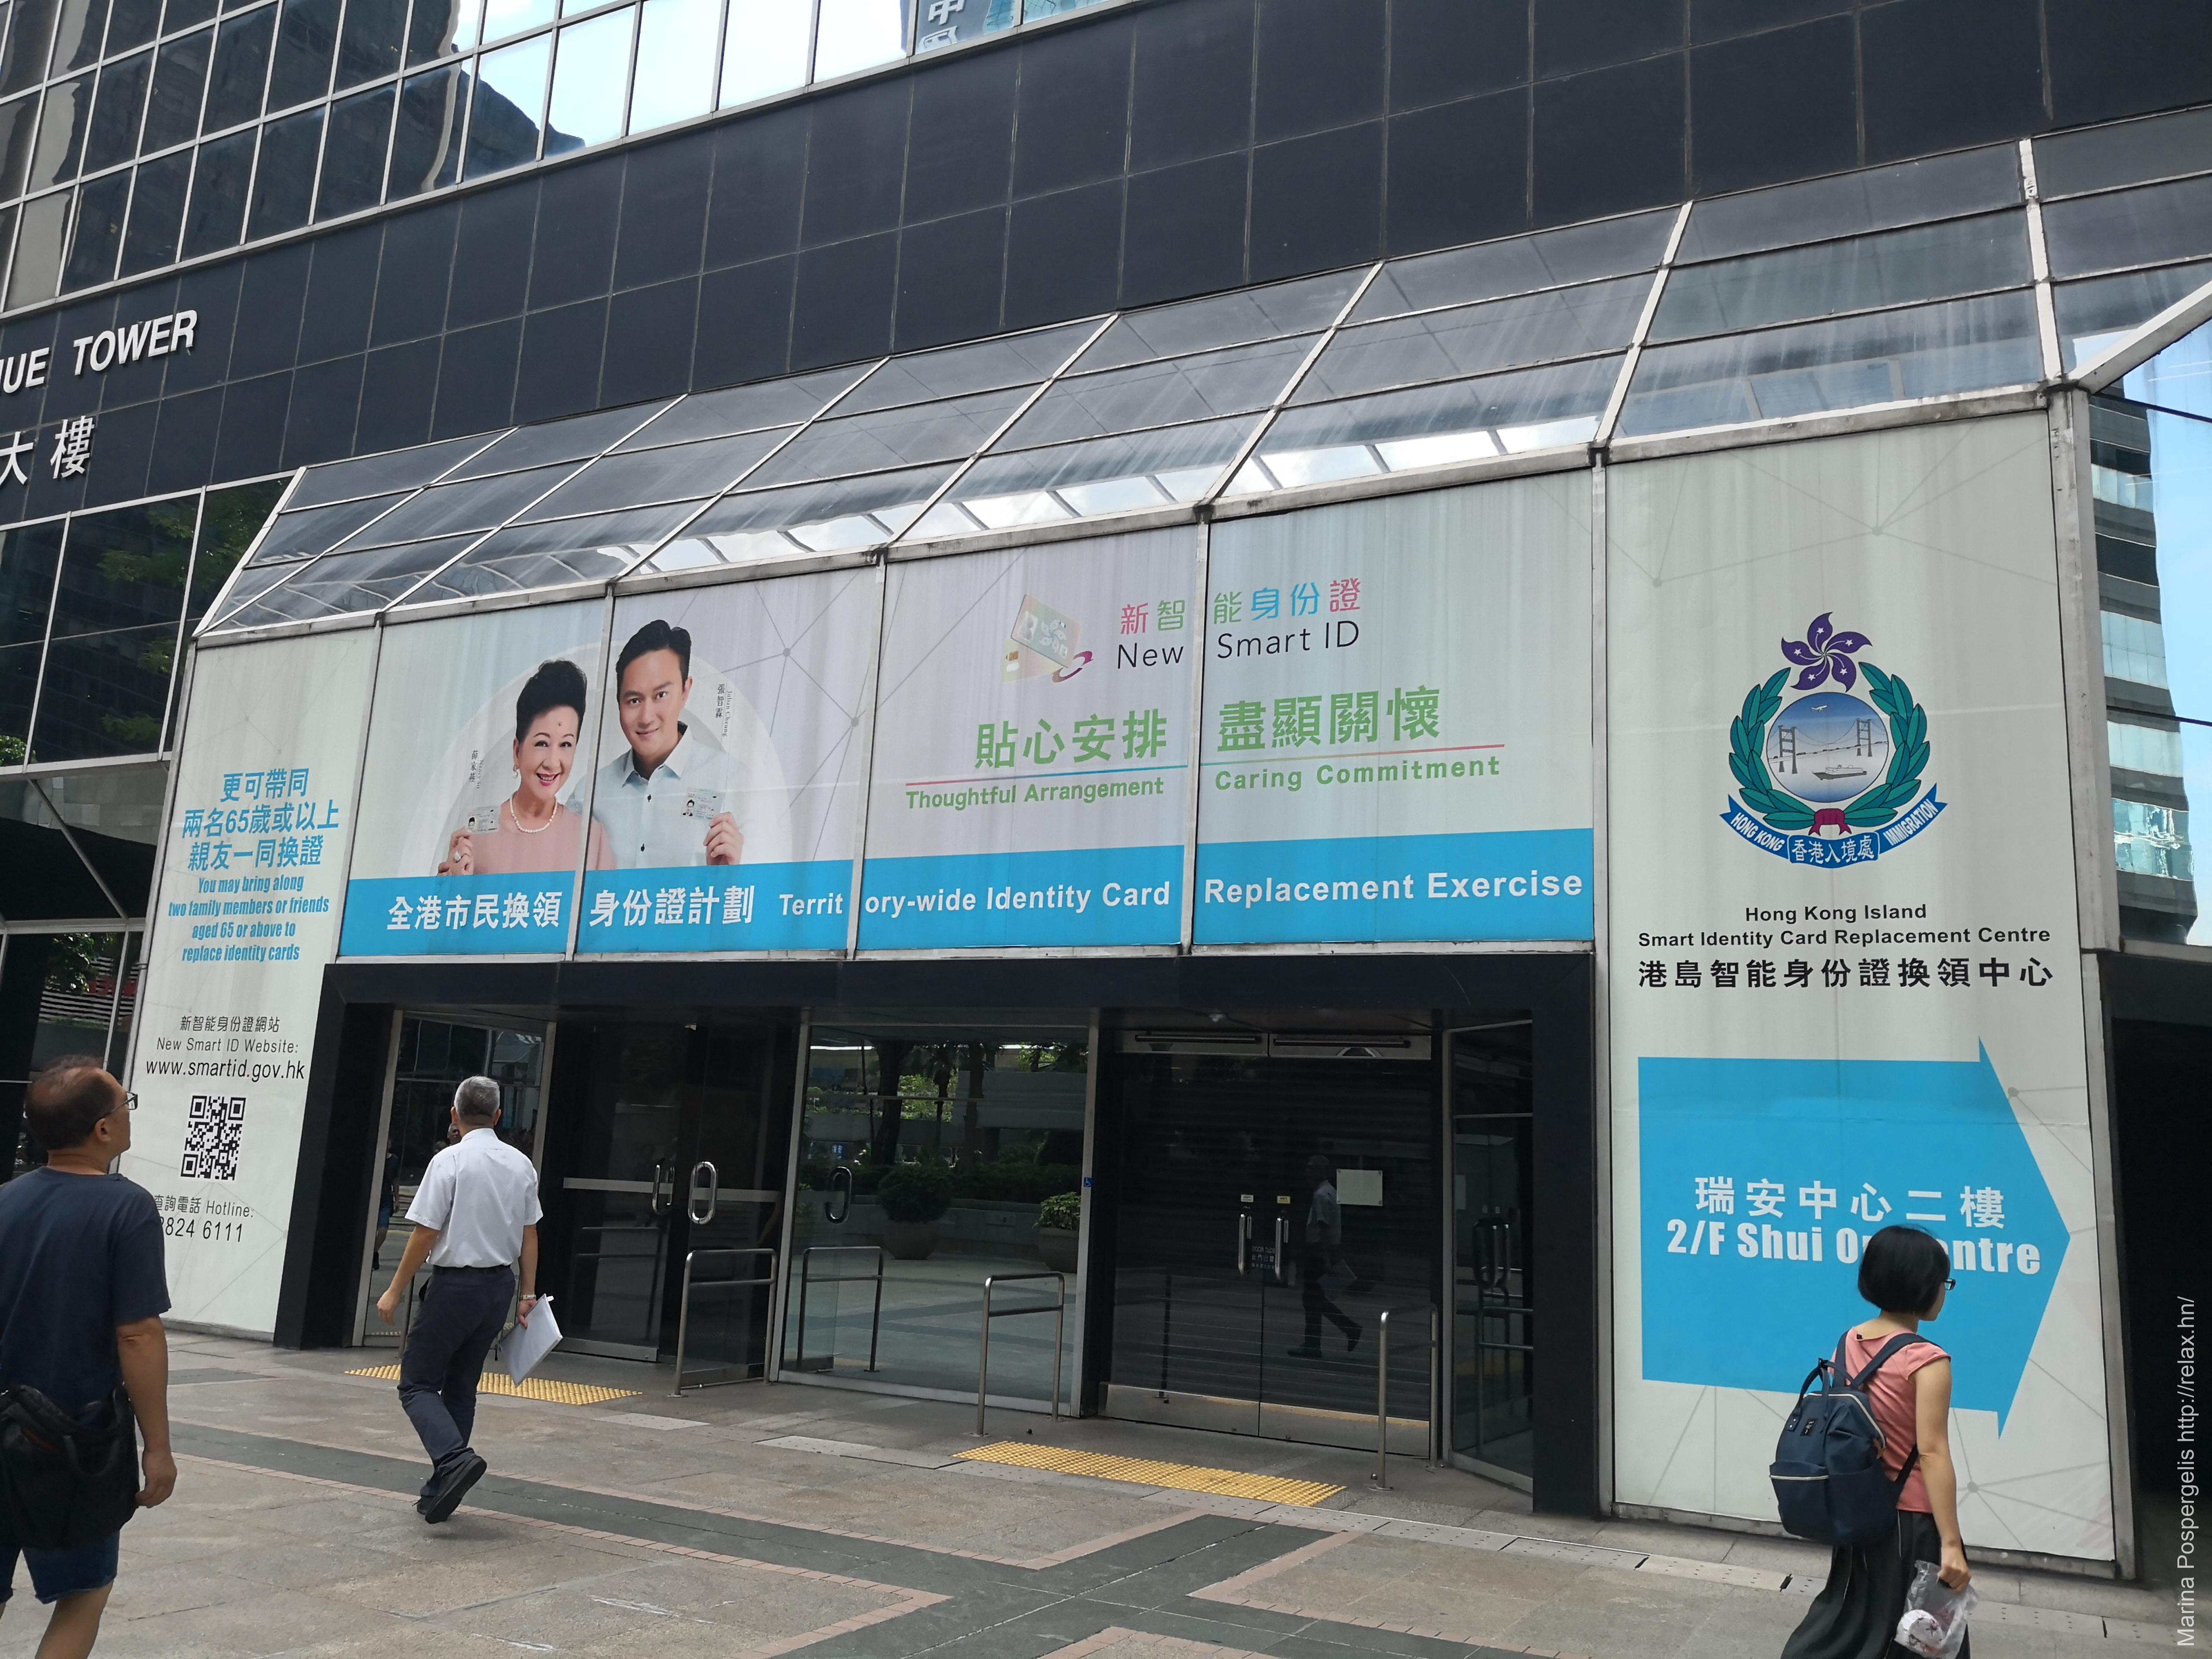 Здание на Ван Чай с информацией о замене ID